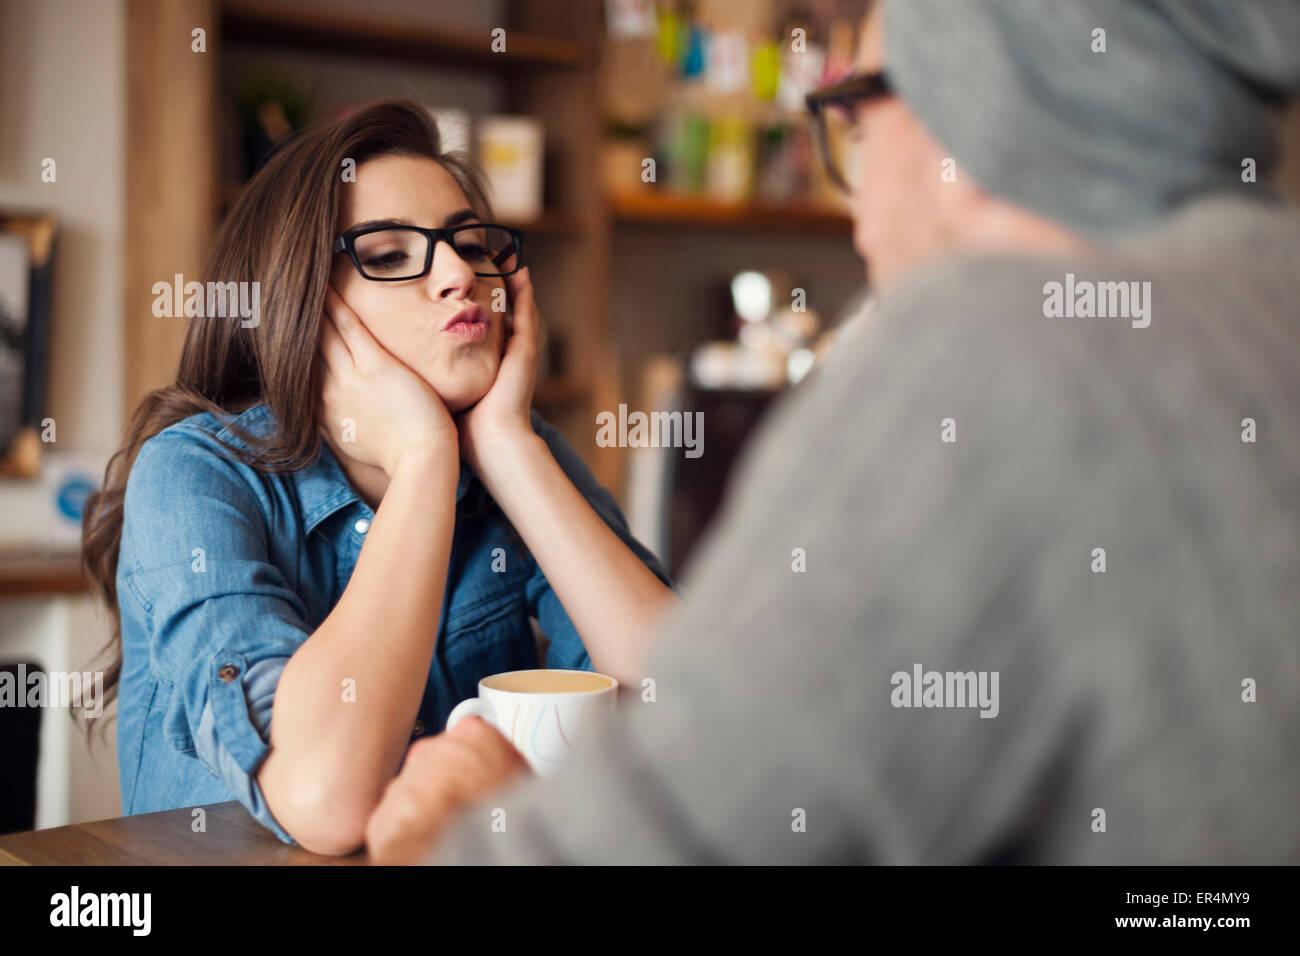 Liebende Frau bläst Küsse zu ihrem Freund im Café. Krakau, Polen Stockbild